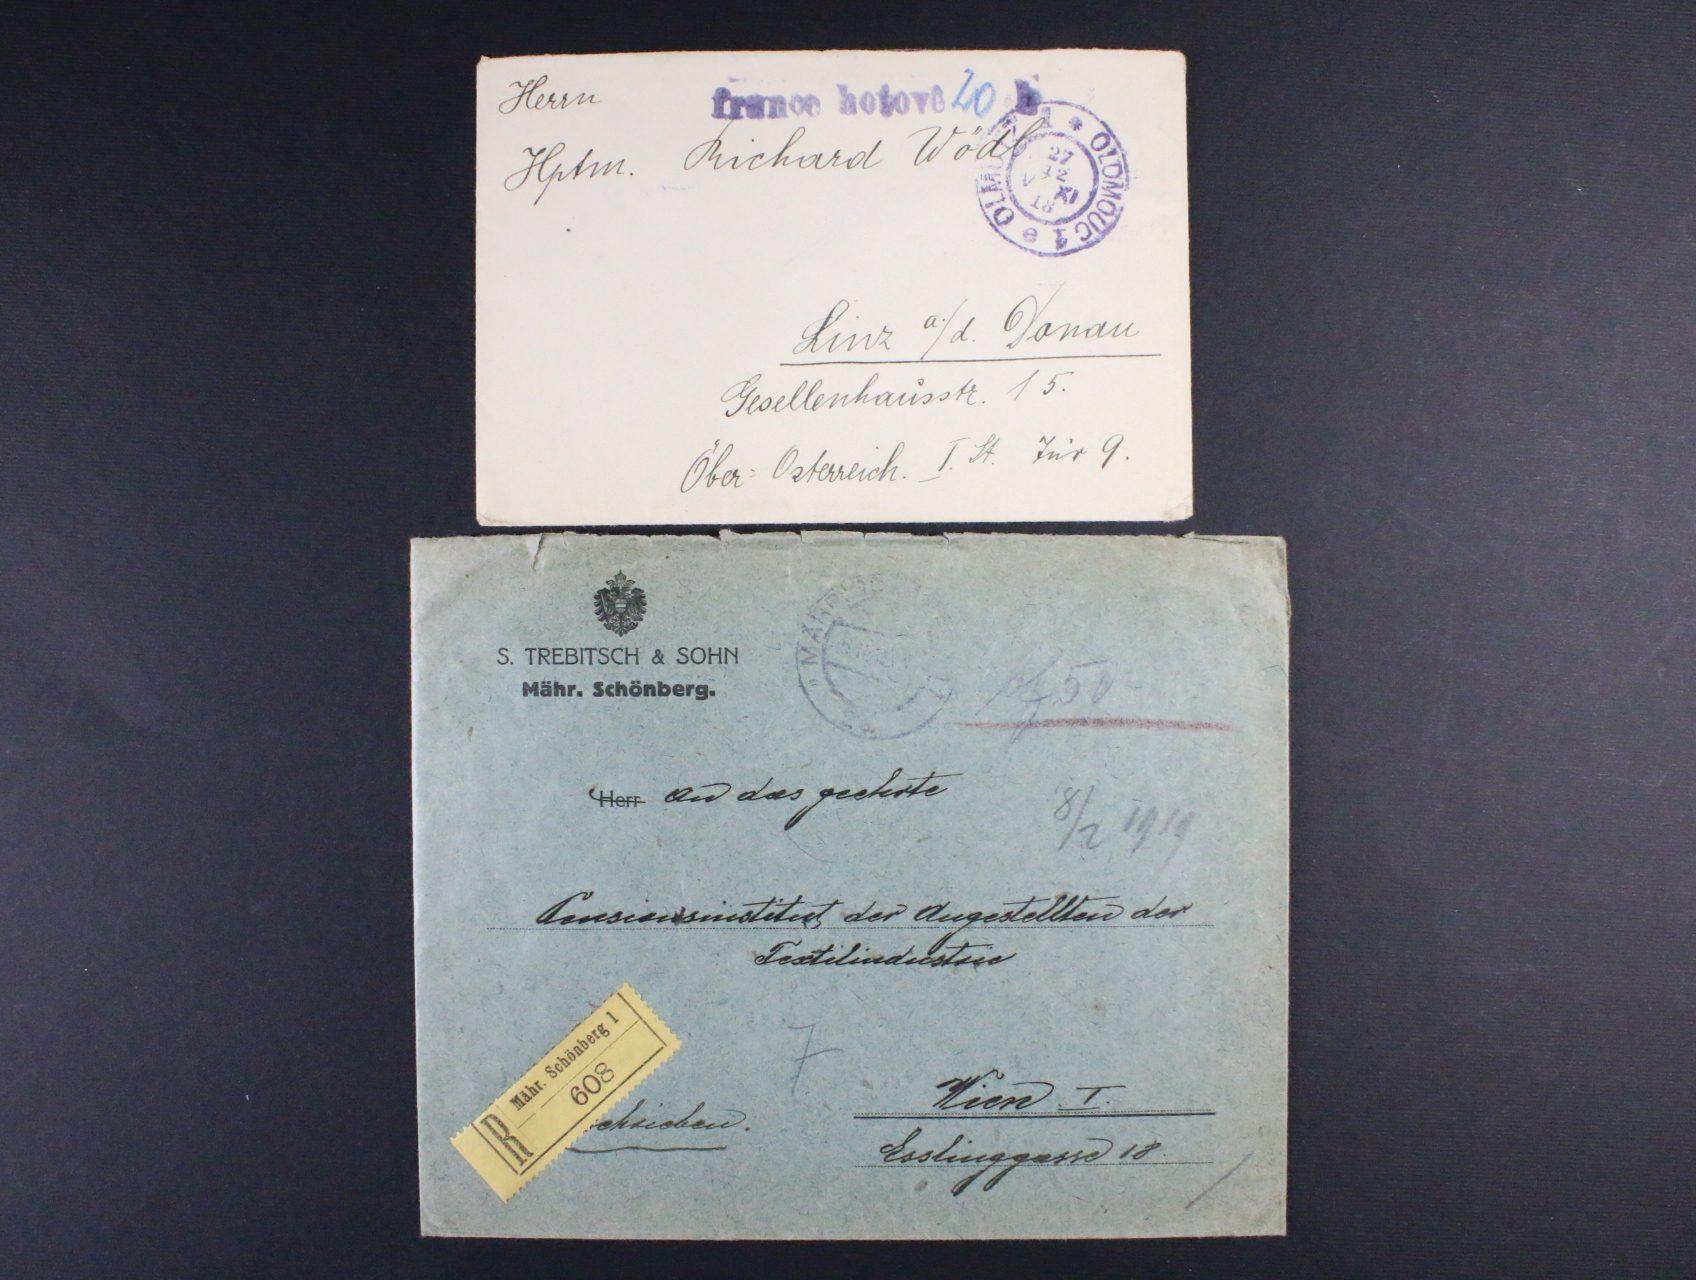 firemní R-dopis do Vídně vyplacený hotově, pod. raz. MÄHR. SCHÖNBERG 8.2.19 a dopis malého formátu do Rakouska, poštovné vybráno v hotovosti, pod. raz. OLOMOUC 1 27.12.18